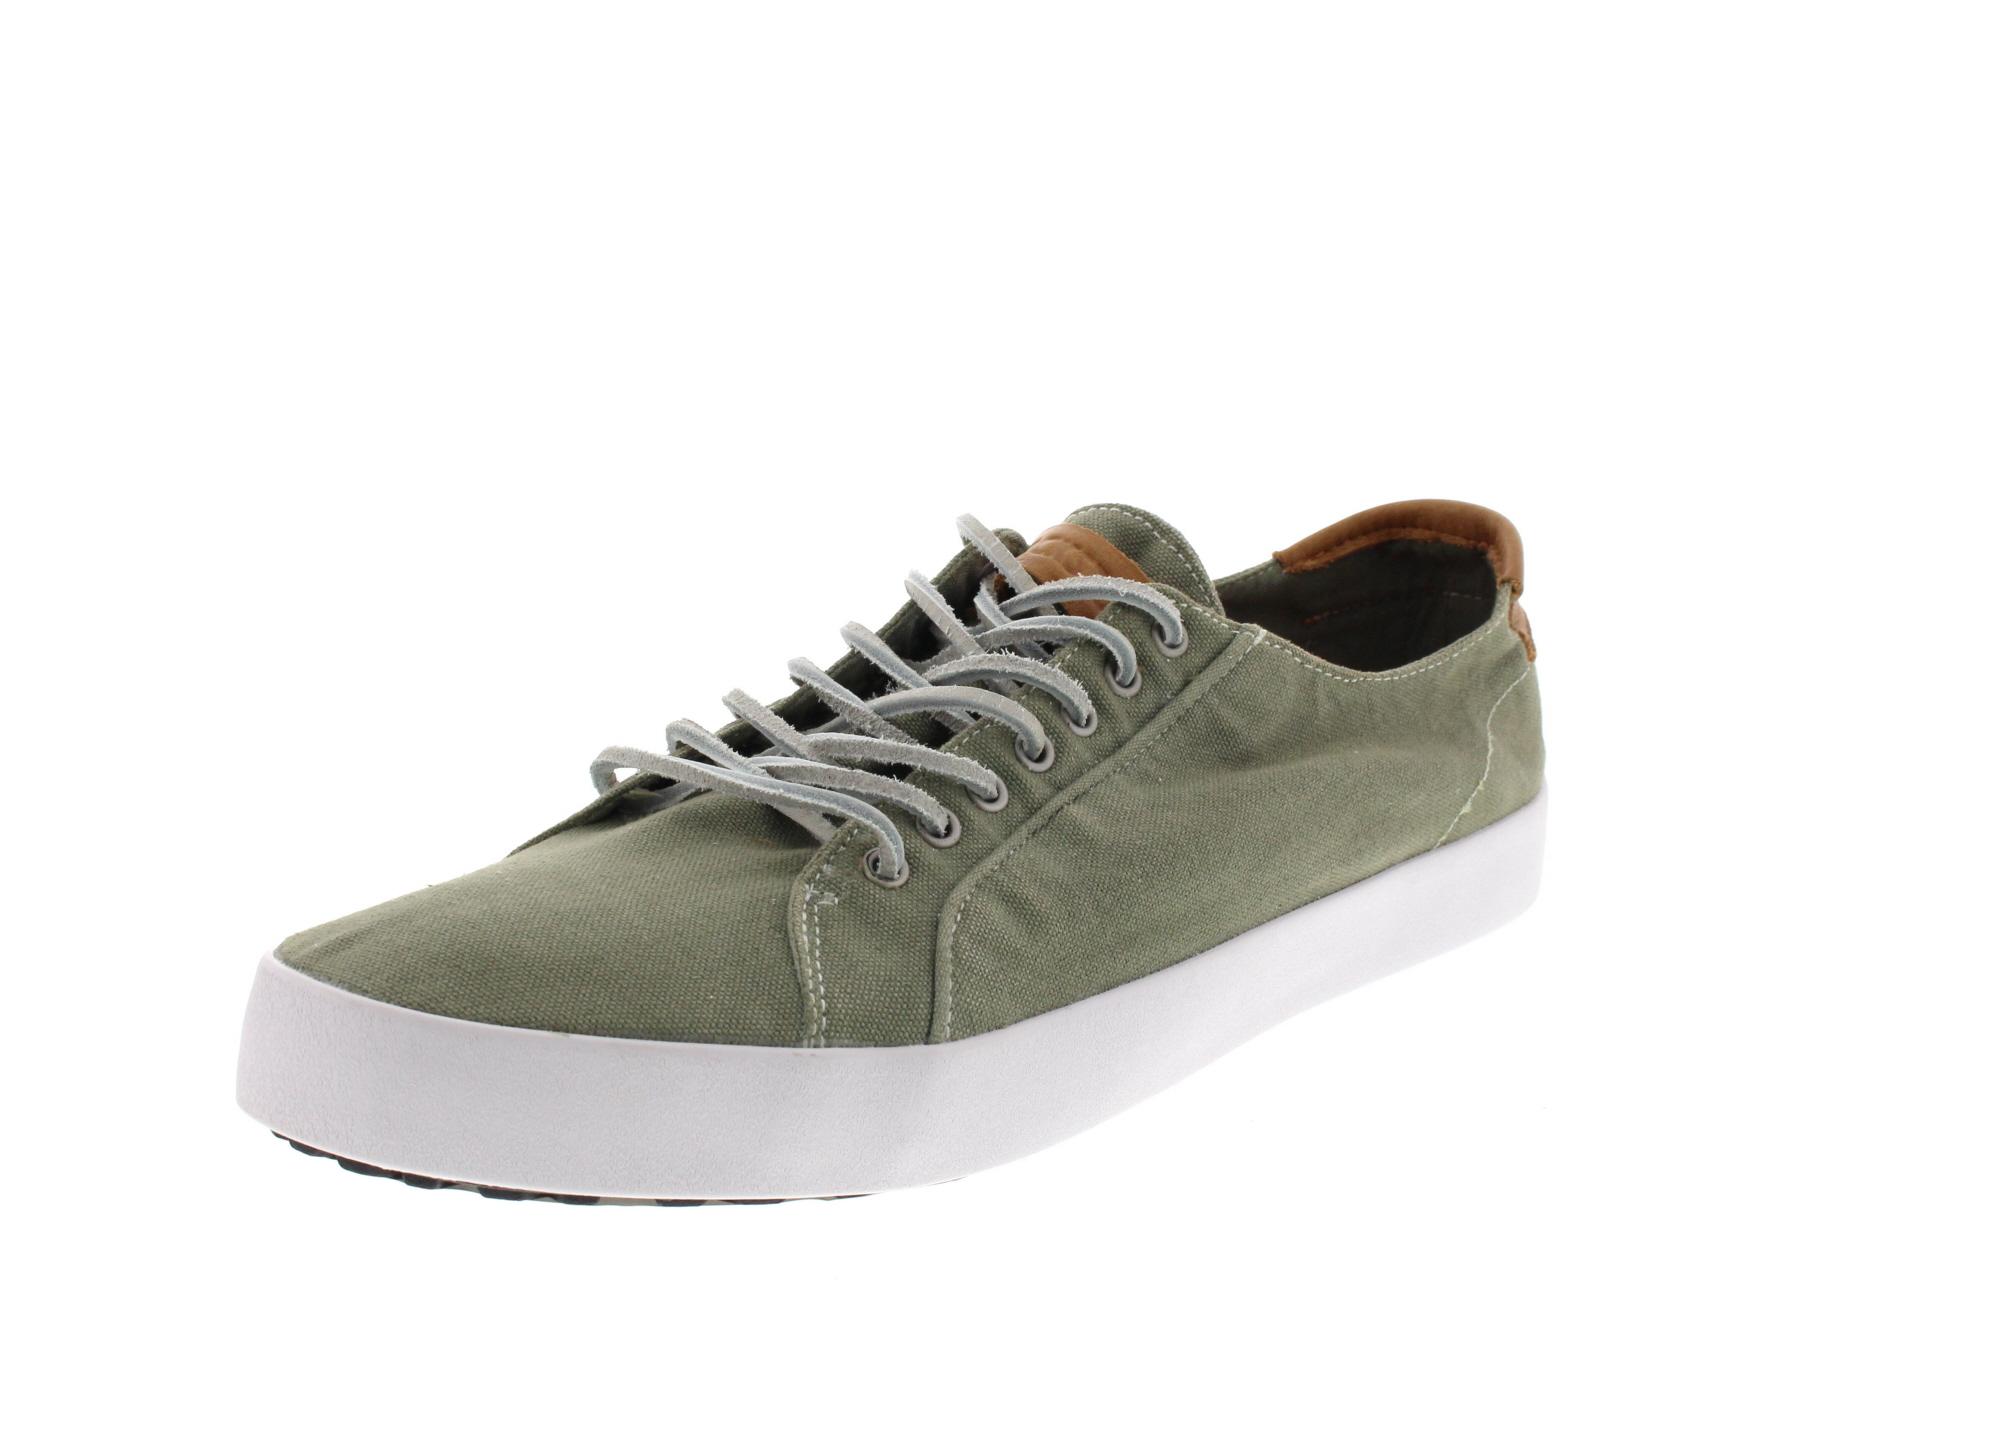 BLACKSTONE in Übergröße - Sneakers NM95 - oiled green